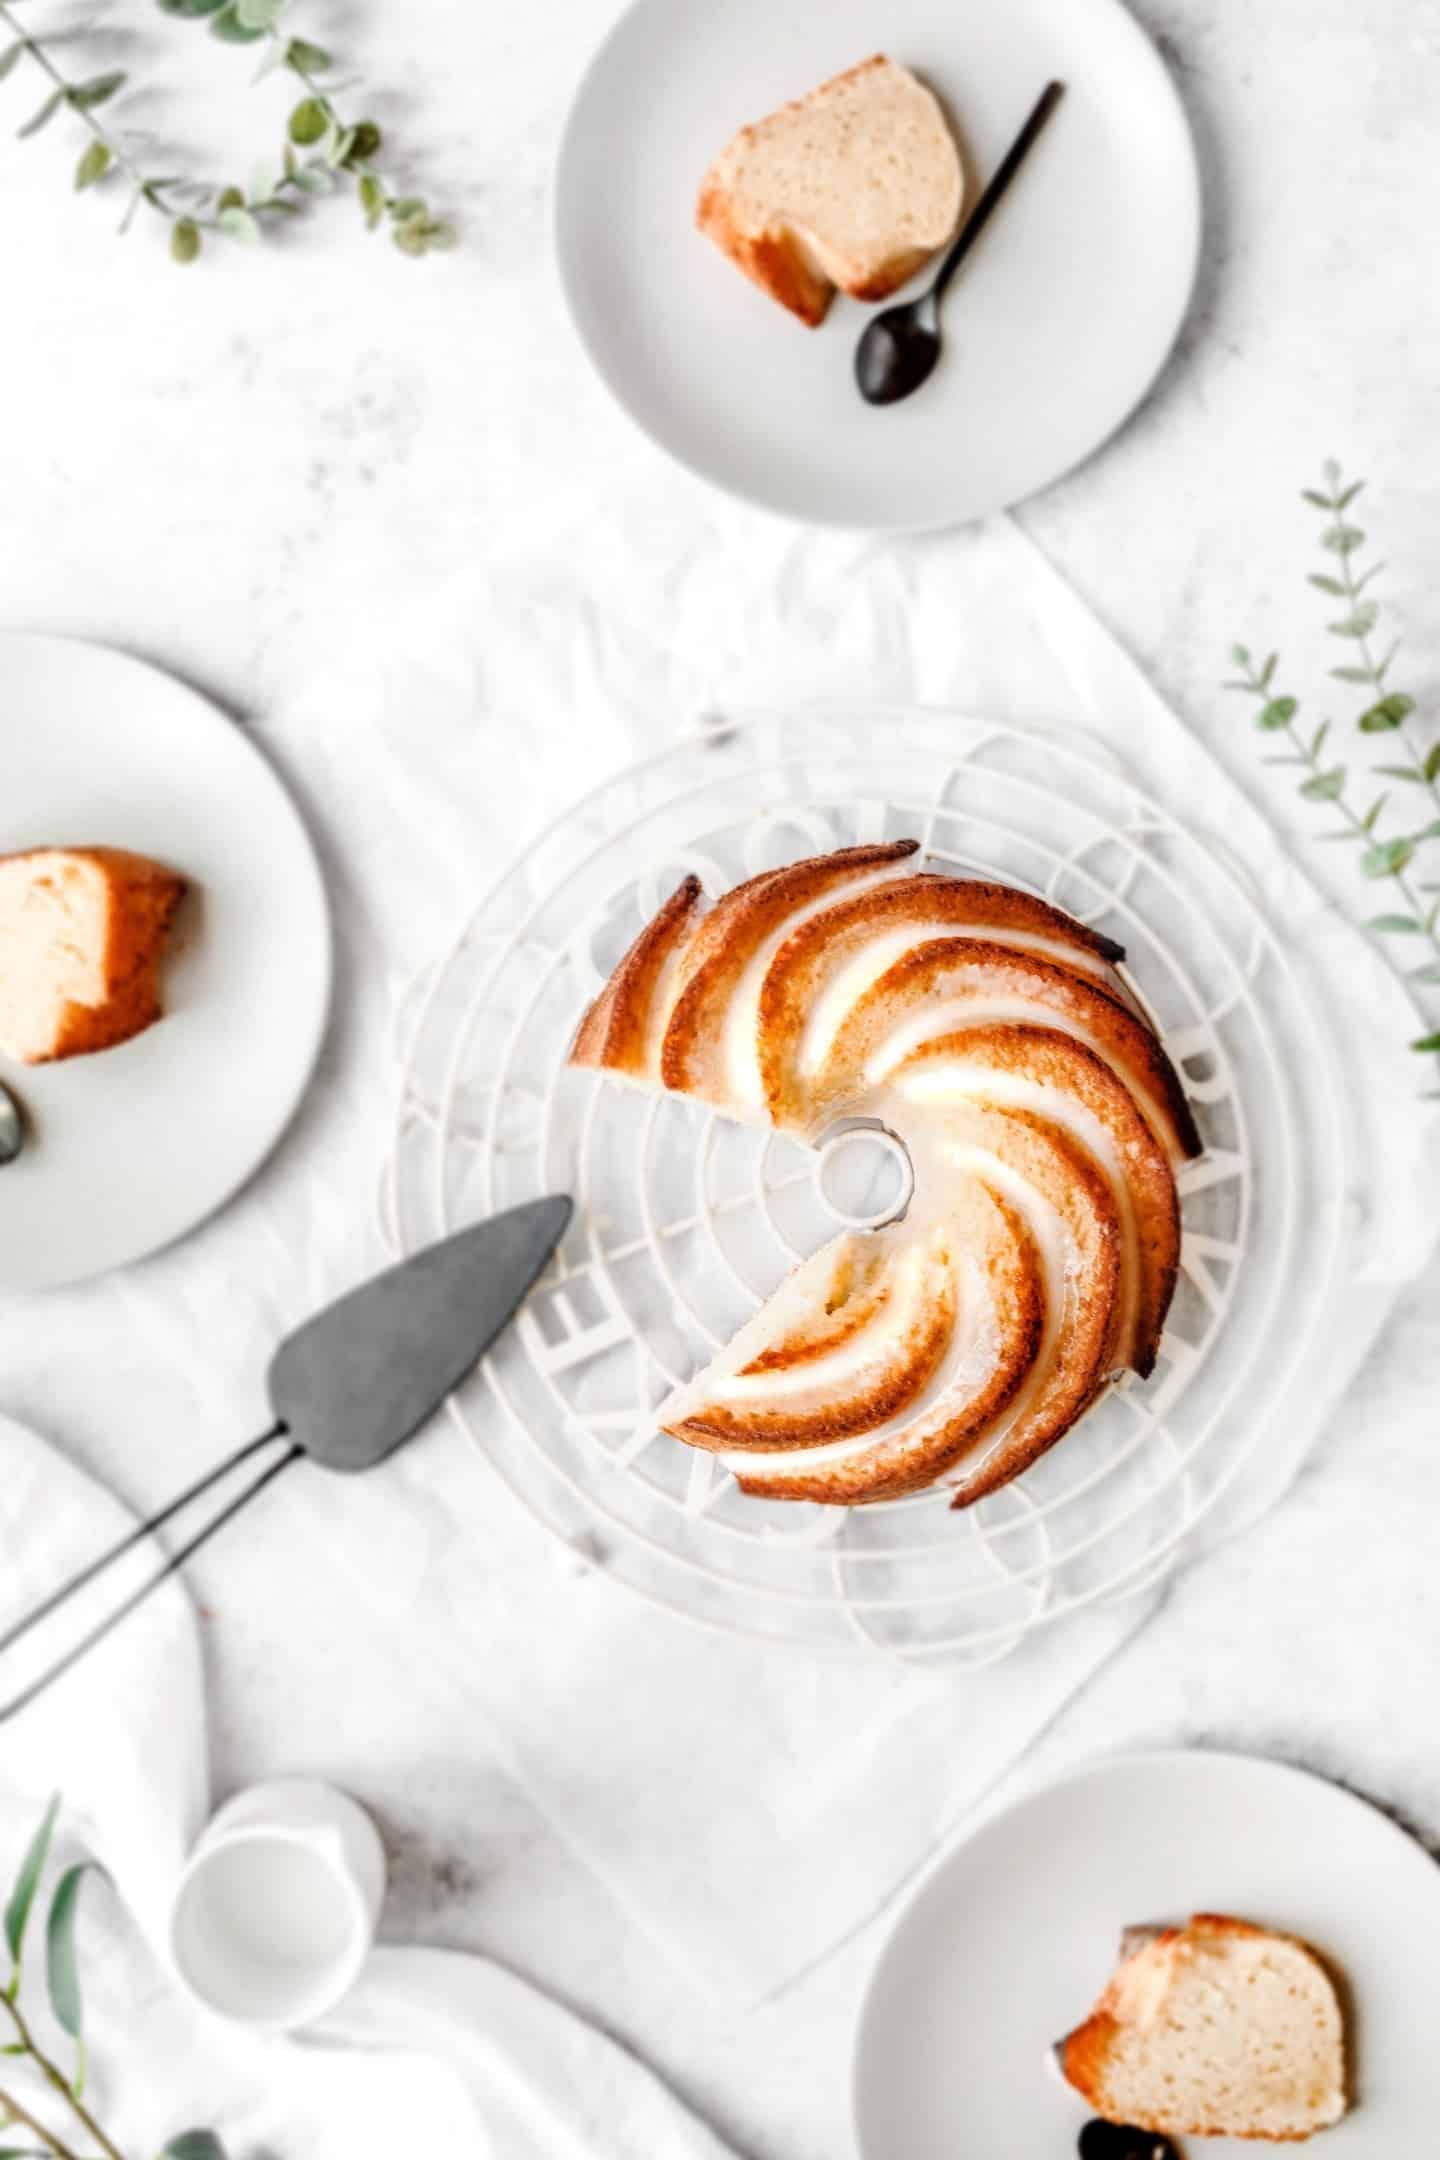 Recette du bundt cake au citron